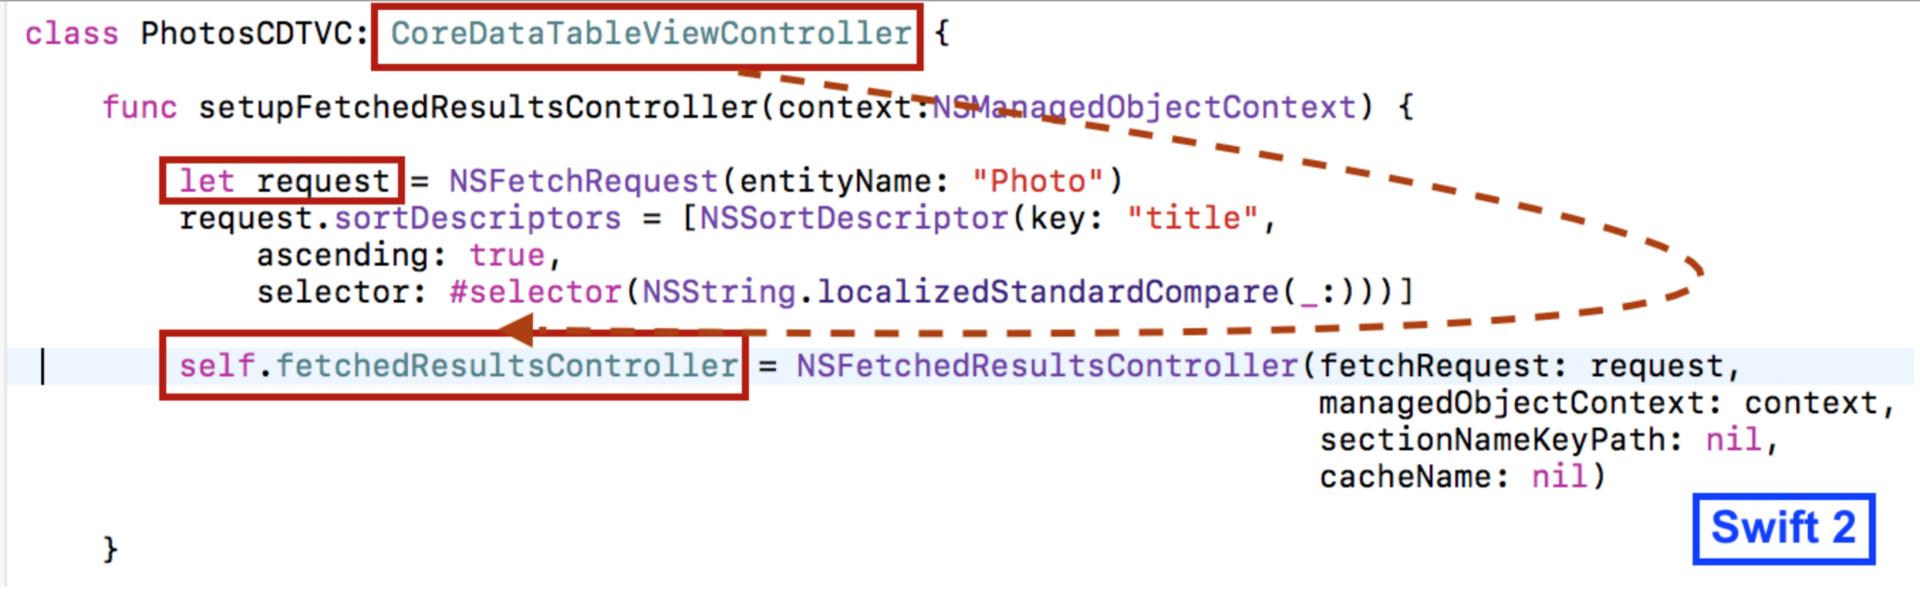 Переходим на Swift 3 с помощью миграционного «робота» в Xcode 8.1 и 8.2 - 44